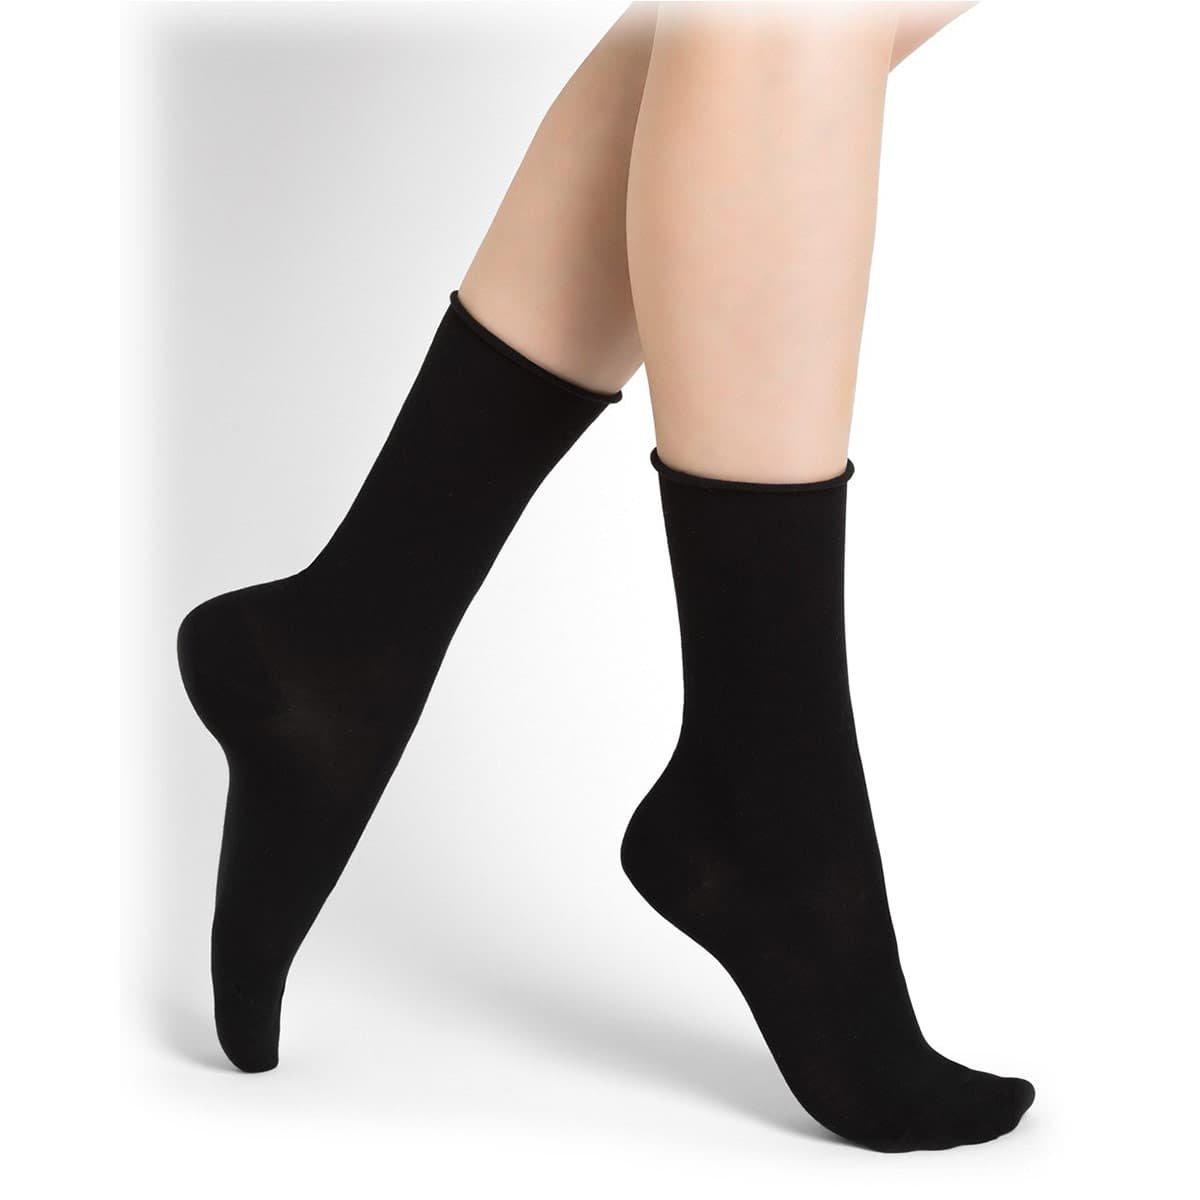 am besten geliebt Original wählen Luxus kaufen BLEUFORET | Damen Socken Baumwolle